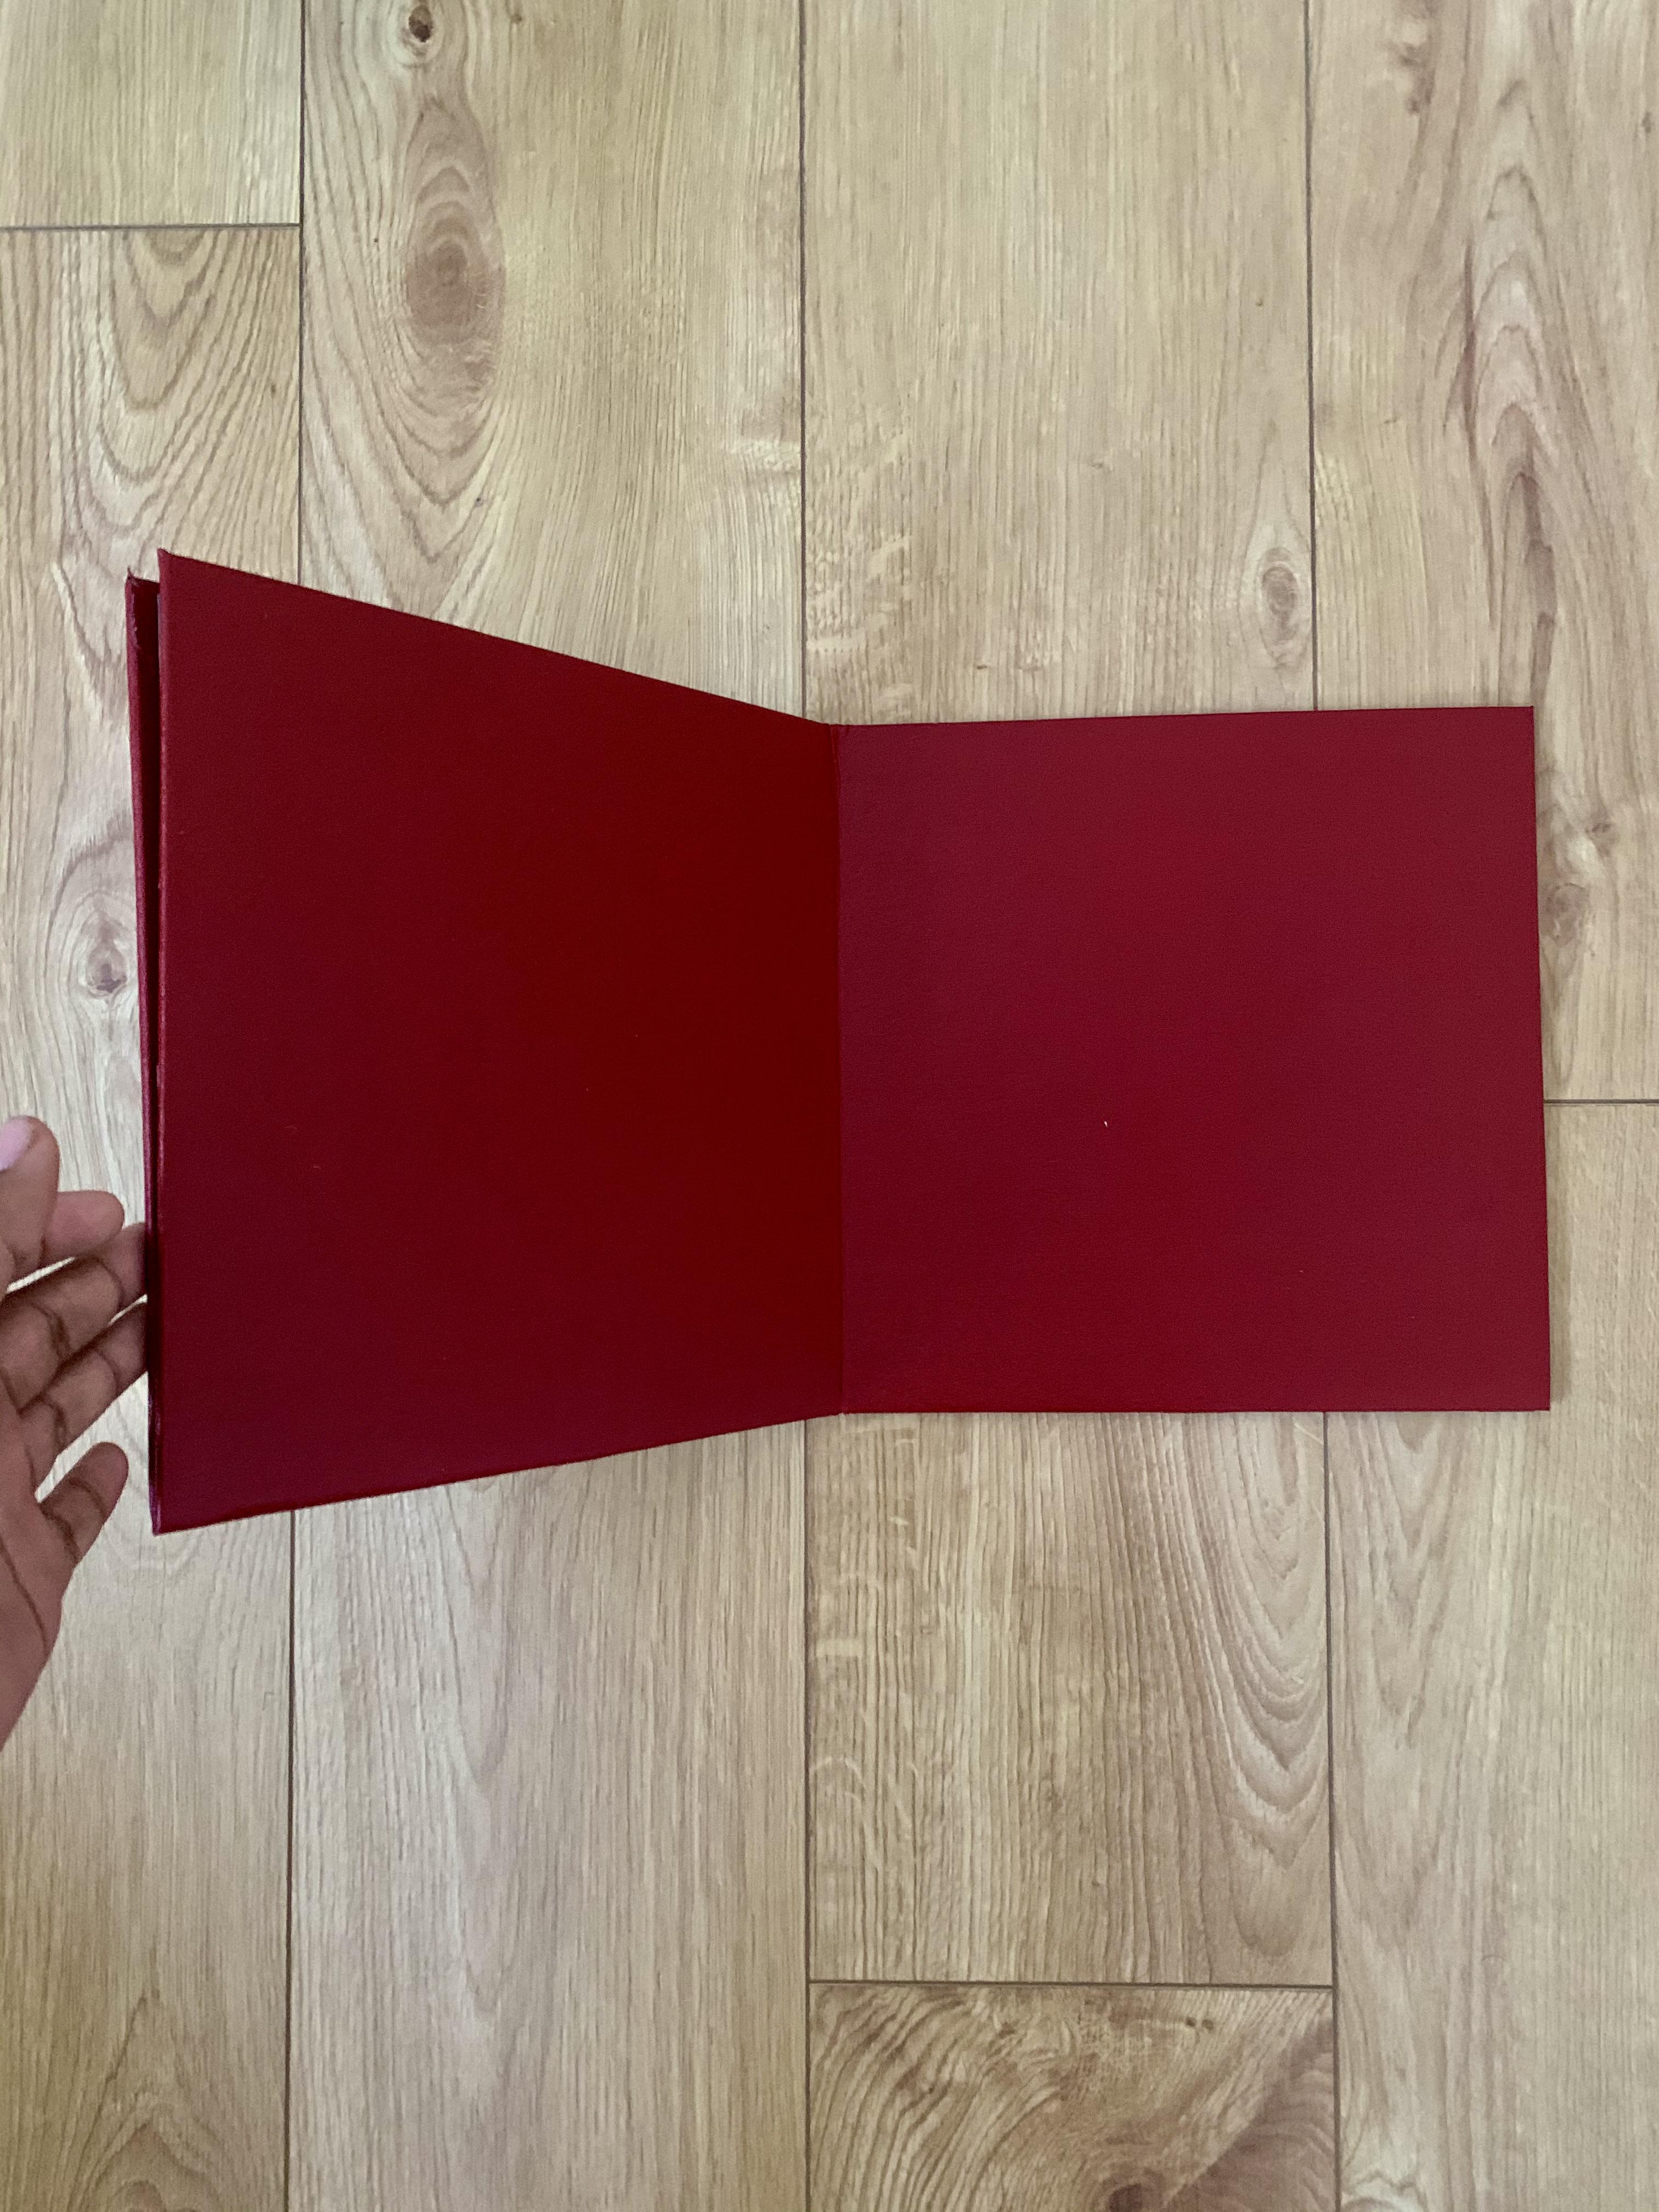 Full Board folded